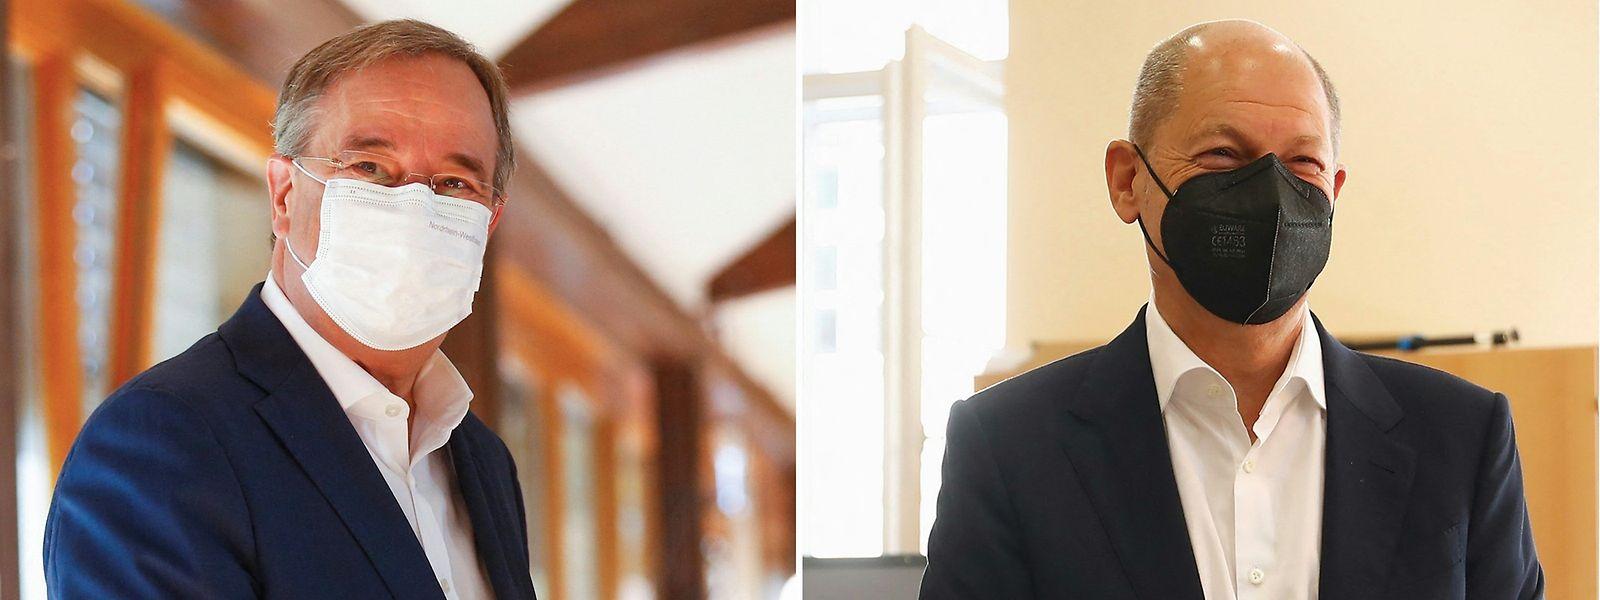 Candidato do Partido Social-Democrata (SPD), Olaf Scholz, (à direita) e Armin Laschet dos conservadores da CDU, força política de Angela Merkel.